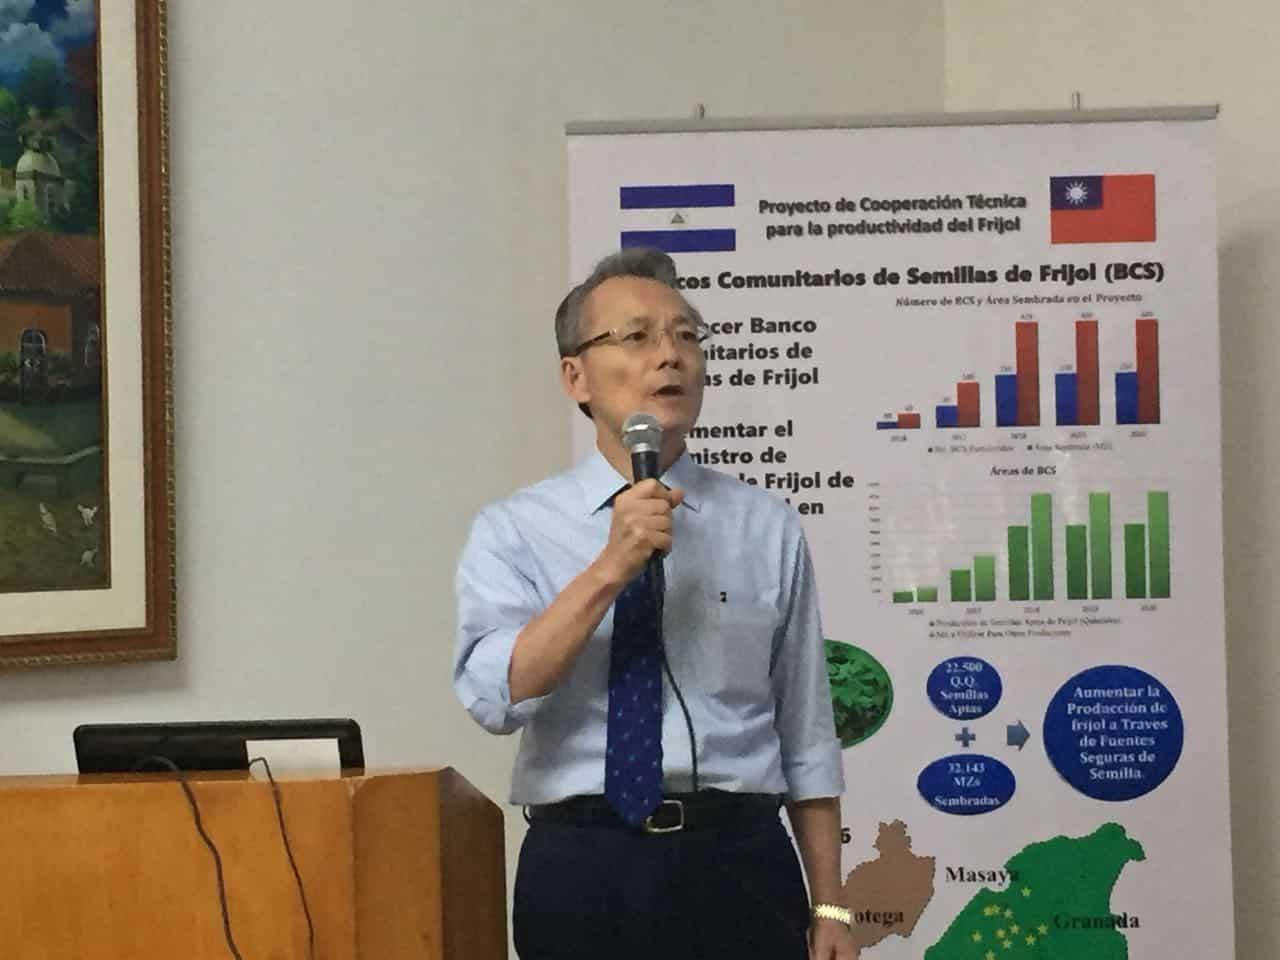 El embajador de Taiwán Jaime Chin-Mu Wu